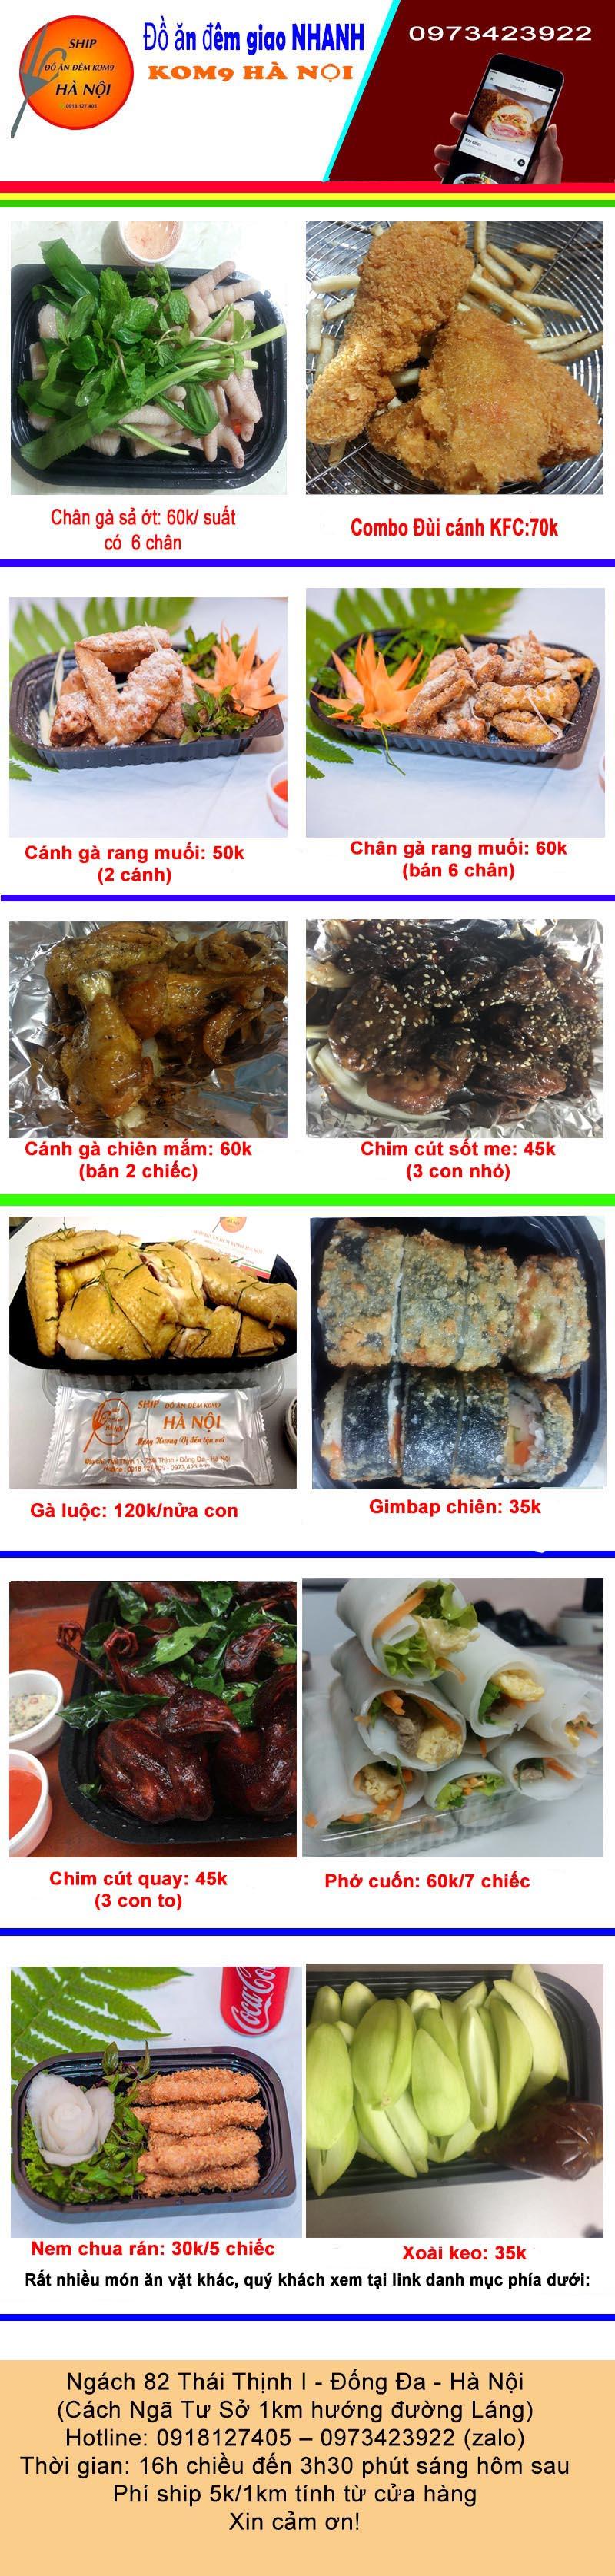 Kom9 chuyên dịch vụ ship đồ ăn vặt đêm Hà Nội với hơn 30 món ăn hấp dẫn